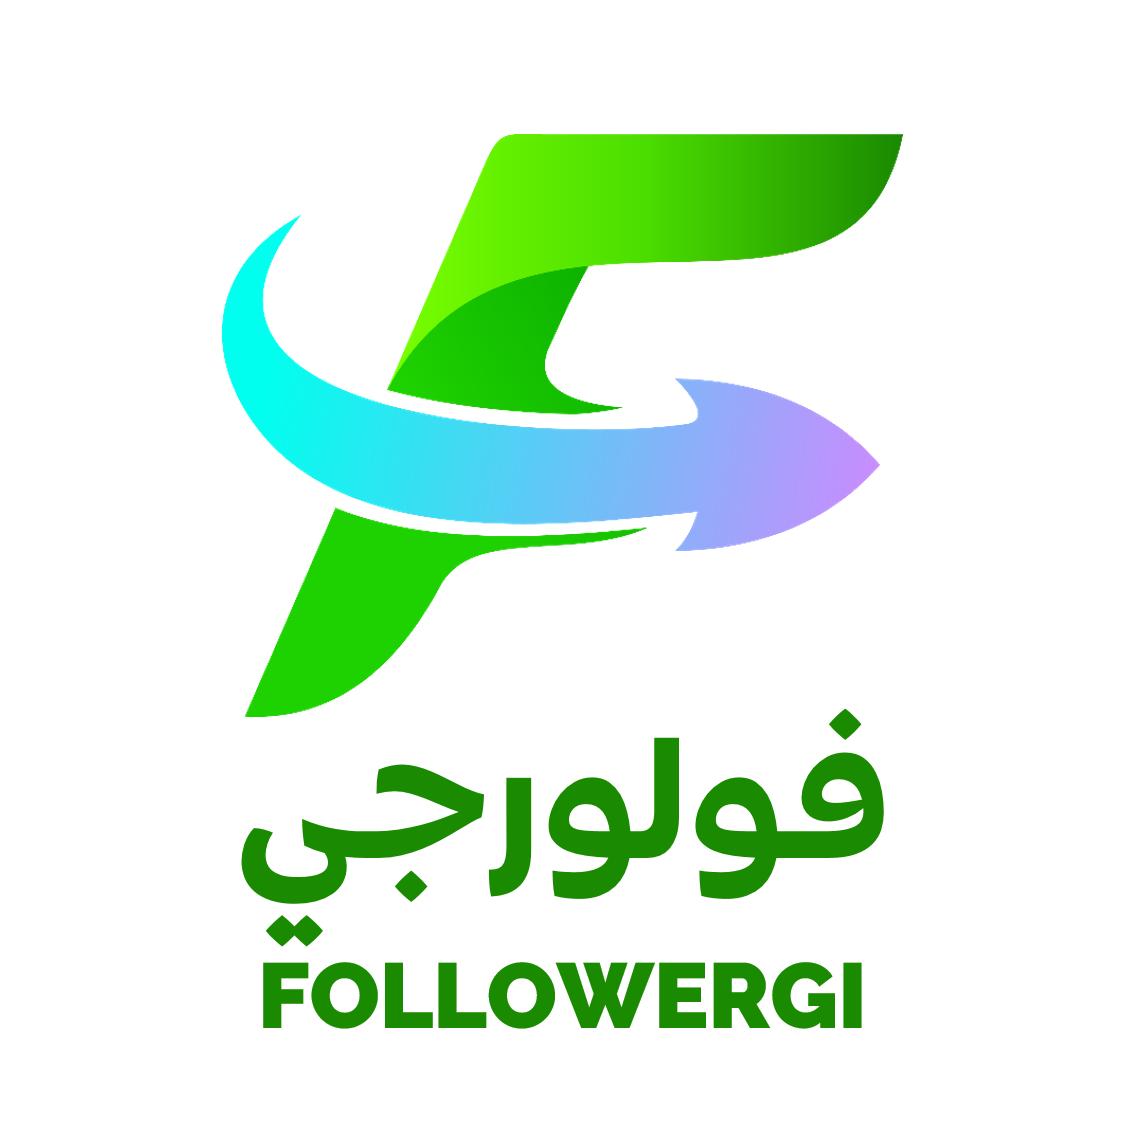 followergi.com